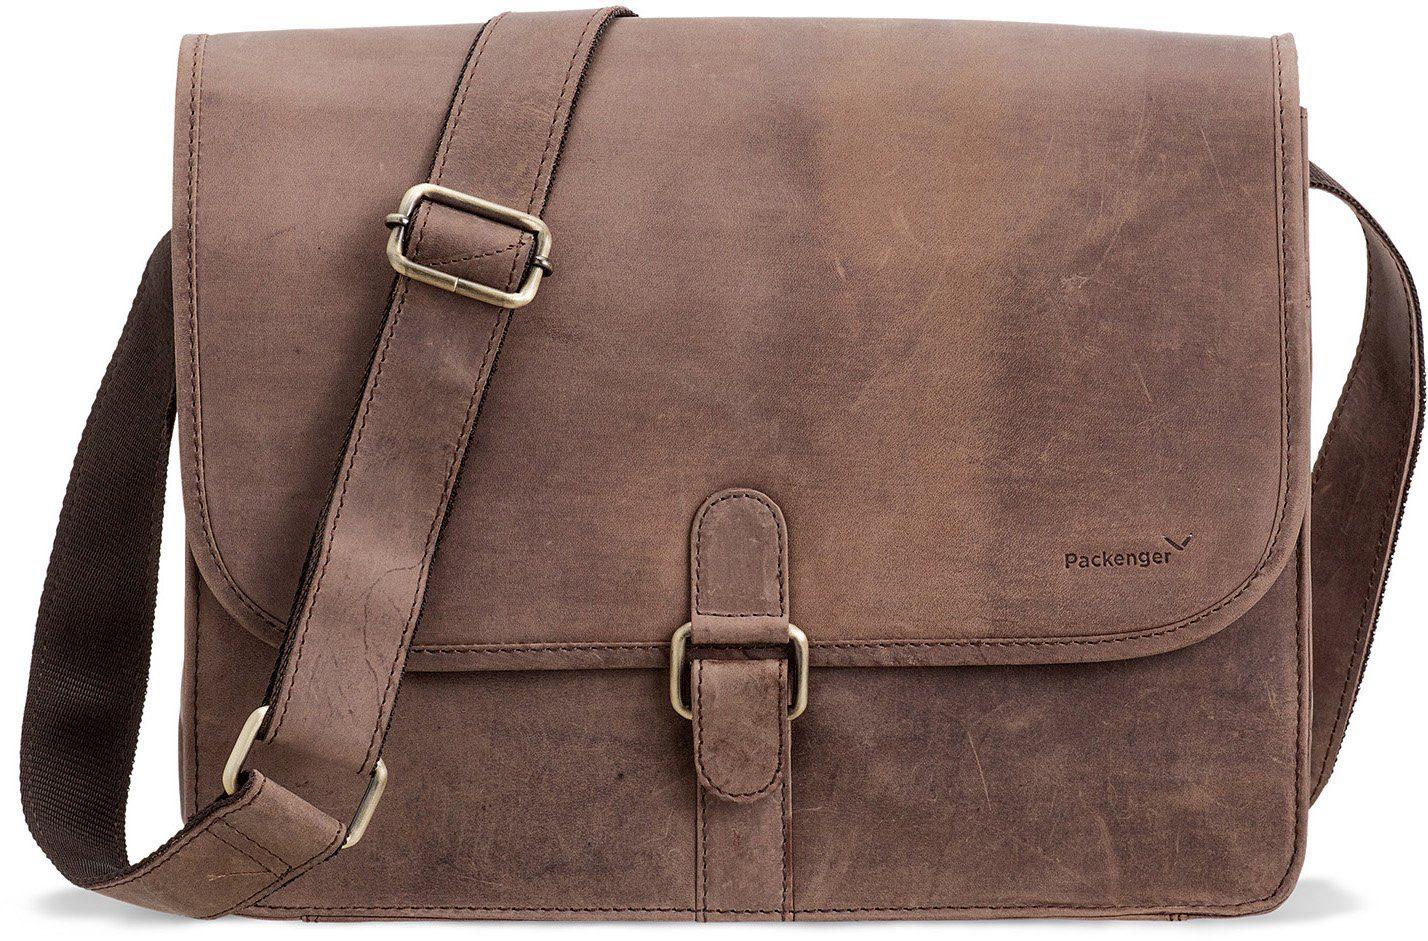 Packenger Umhängetasche mit 14-Zoll Laptopfach »Aslang, dunkelbraun«